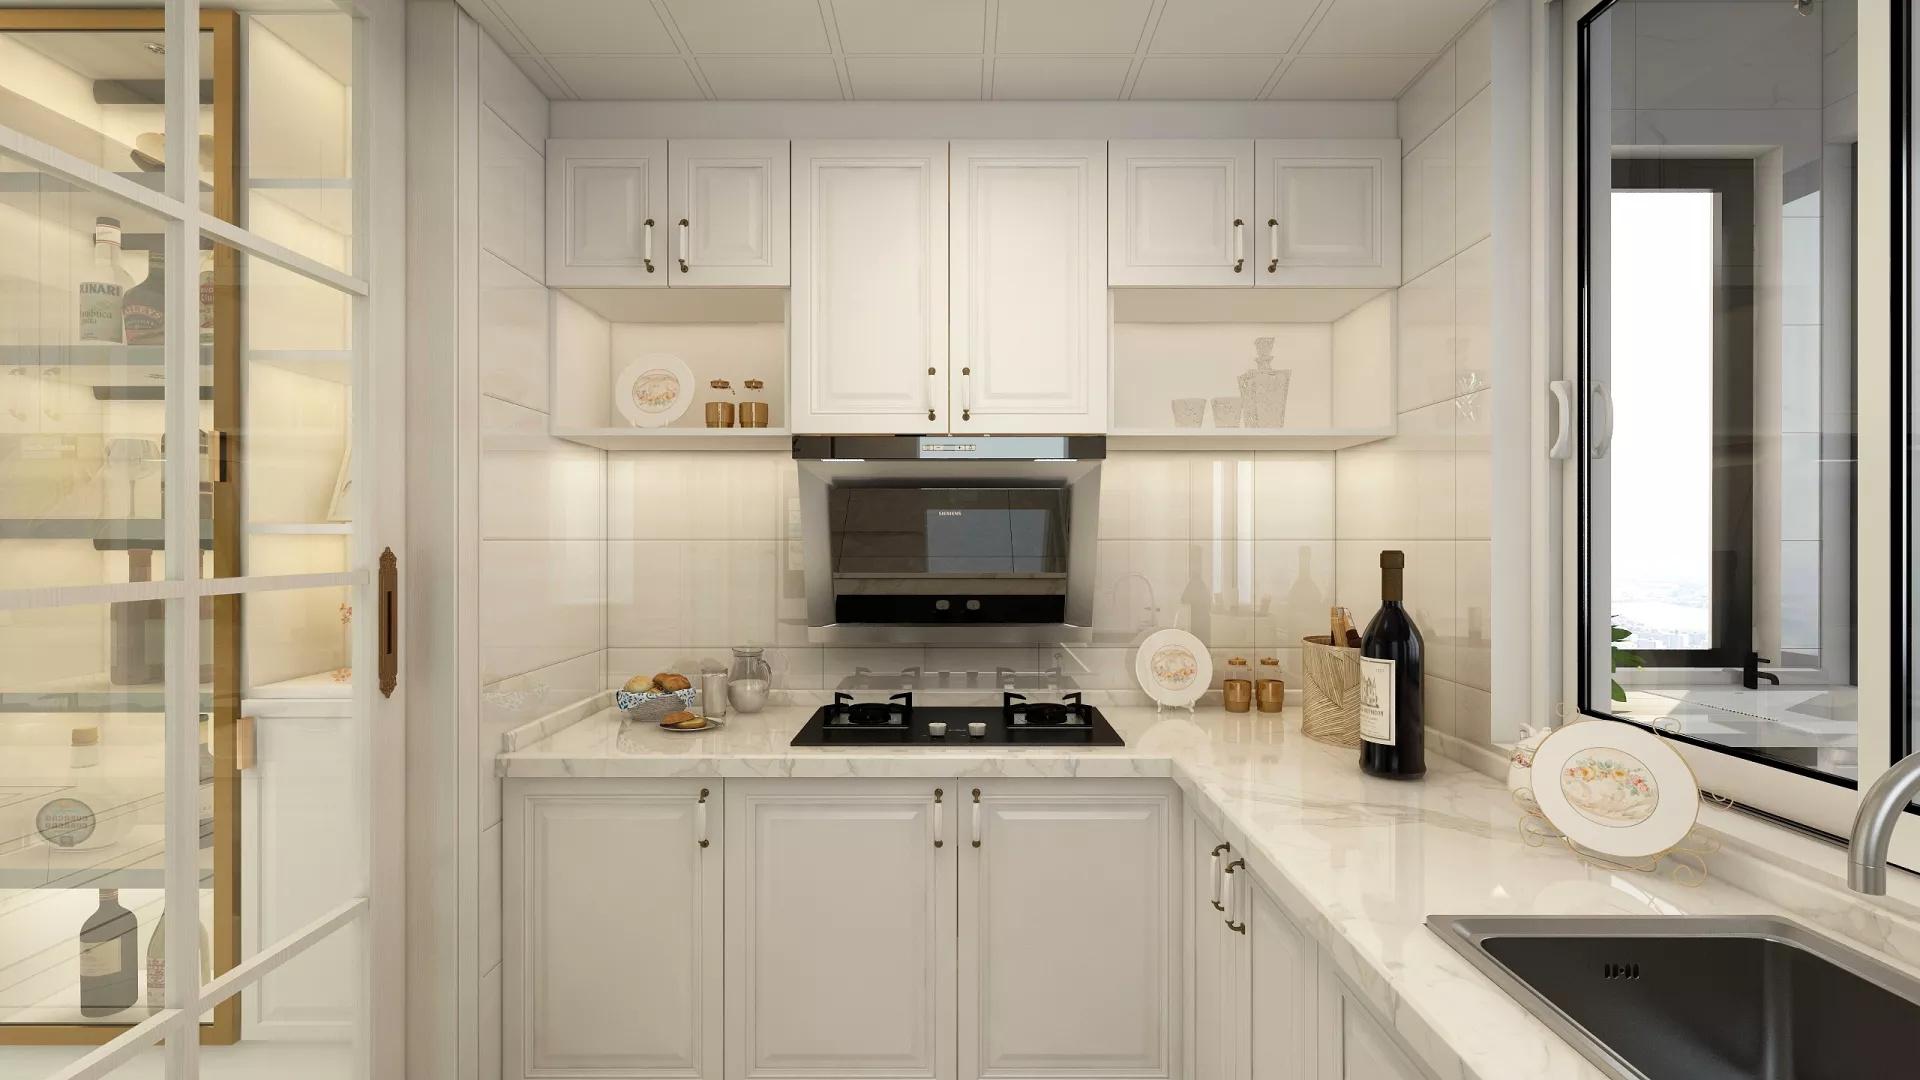 家居裝飾燈具有什么選擇?家居裝飾燈具都有哪些?